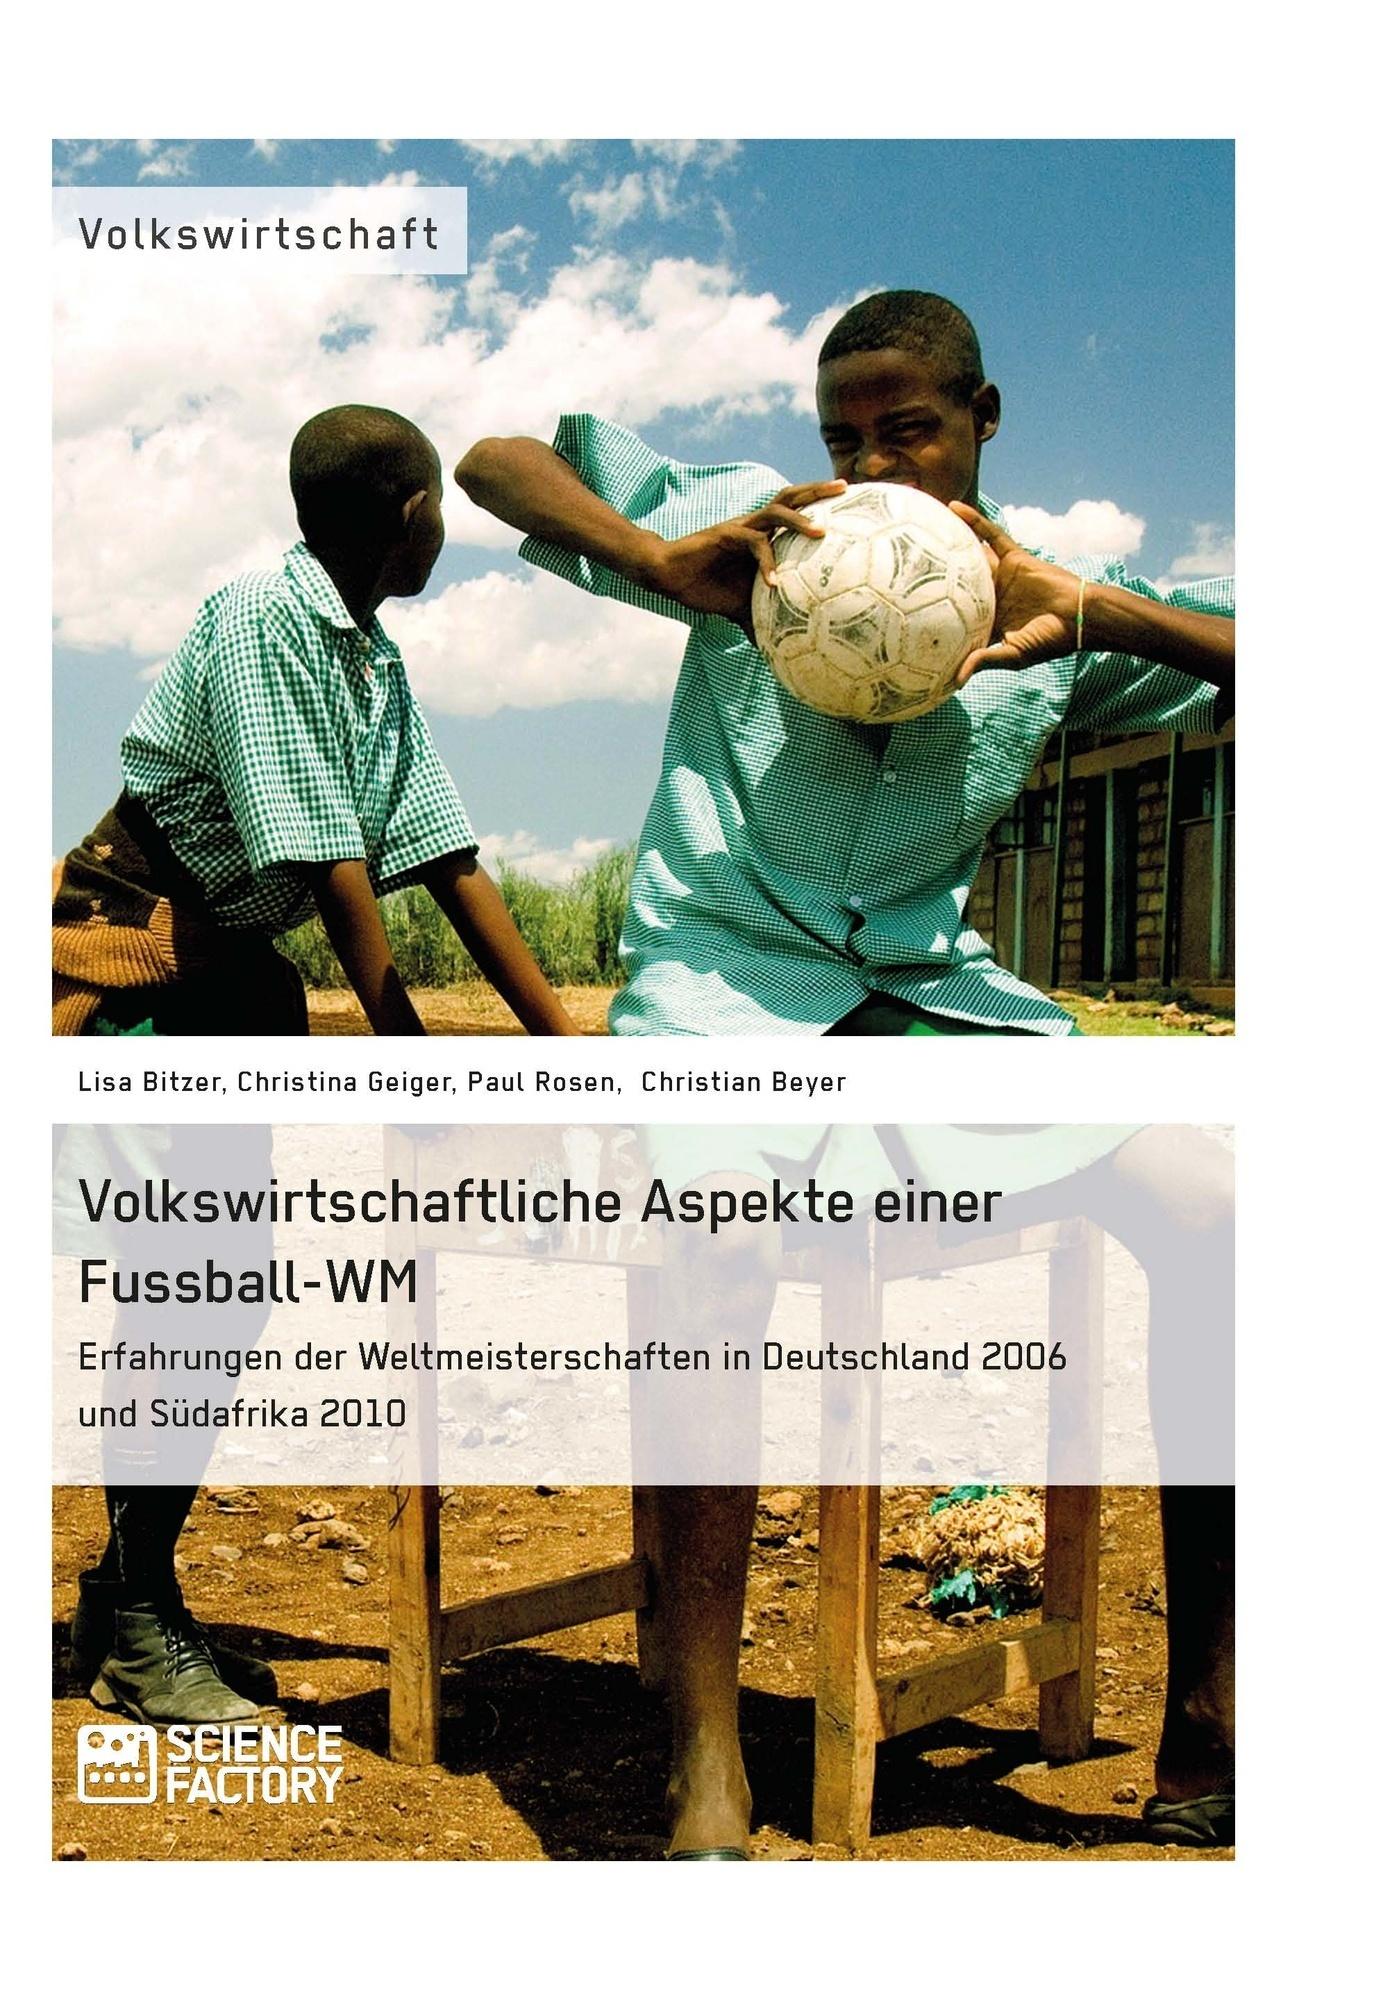 Titel: Volkswirtschaftliche Aspekte einer Fußball-WM. Erfahrungen der Weltmeisterschaften in Deutschland 2006 und Südafrika 2010